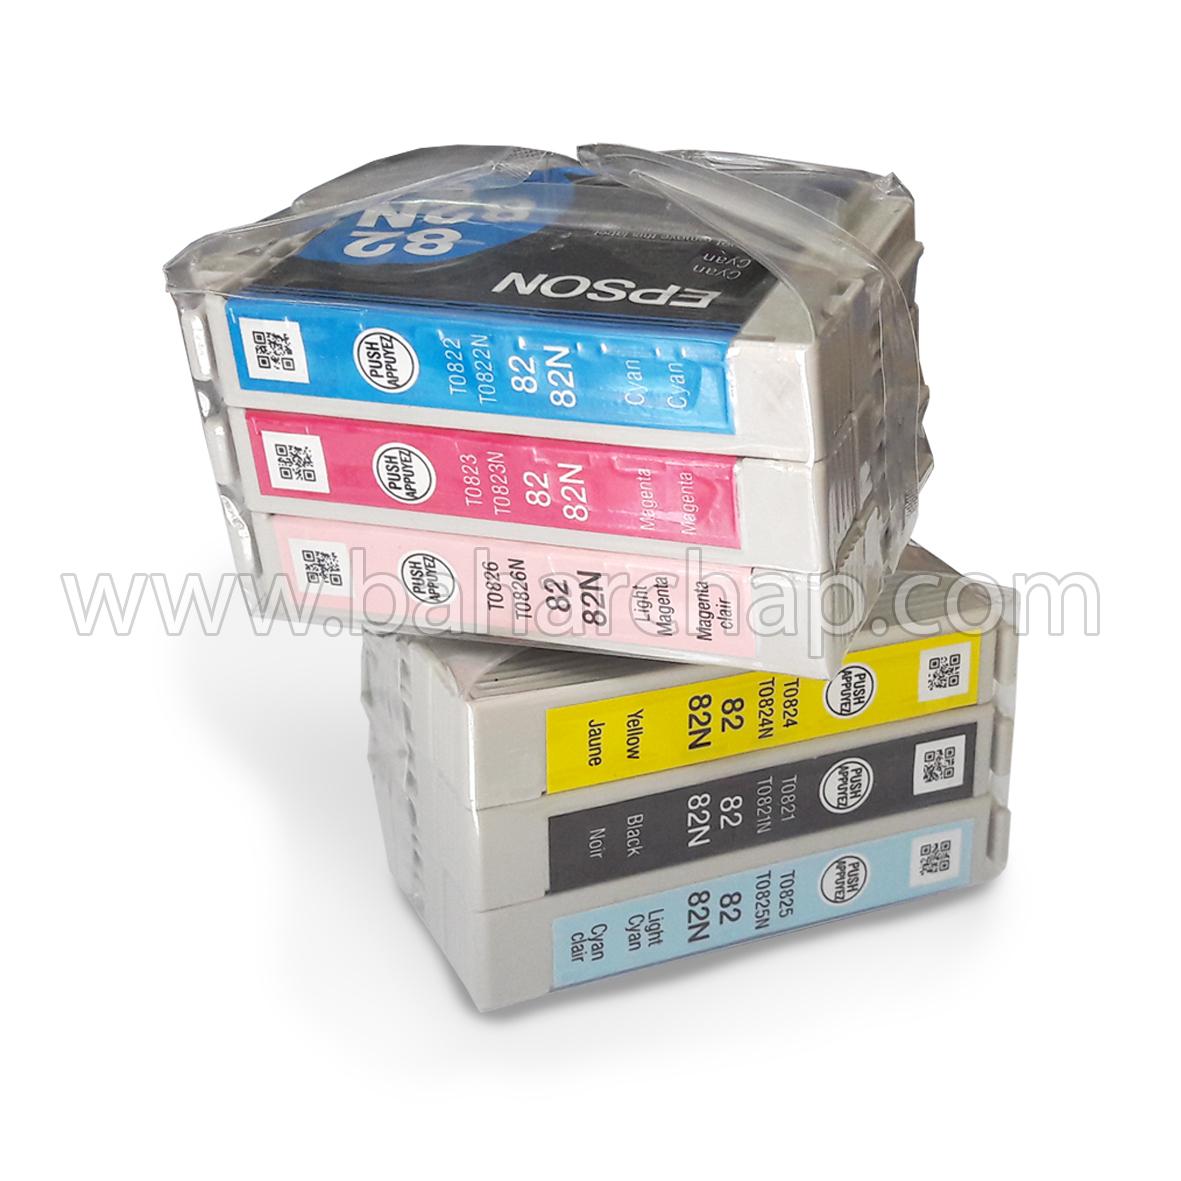 فروشگاه و خدمات اینترنتی بهارچاپ اصفهان-کارتریج اصلی اپسون P50-Epson ink P50